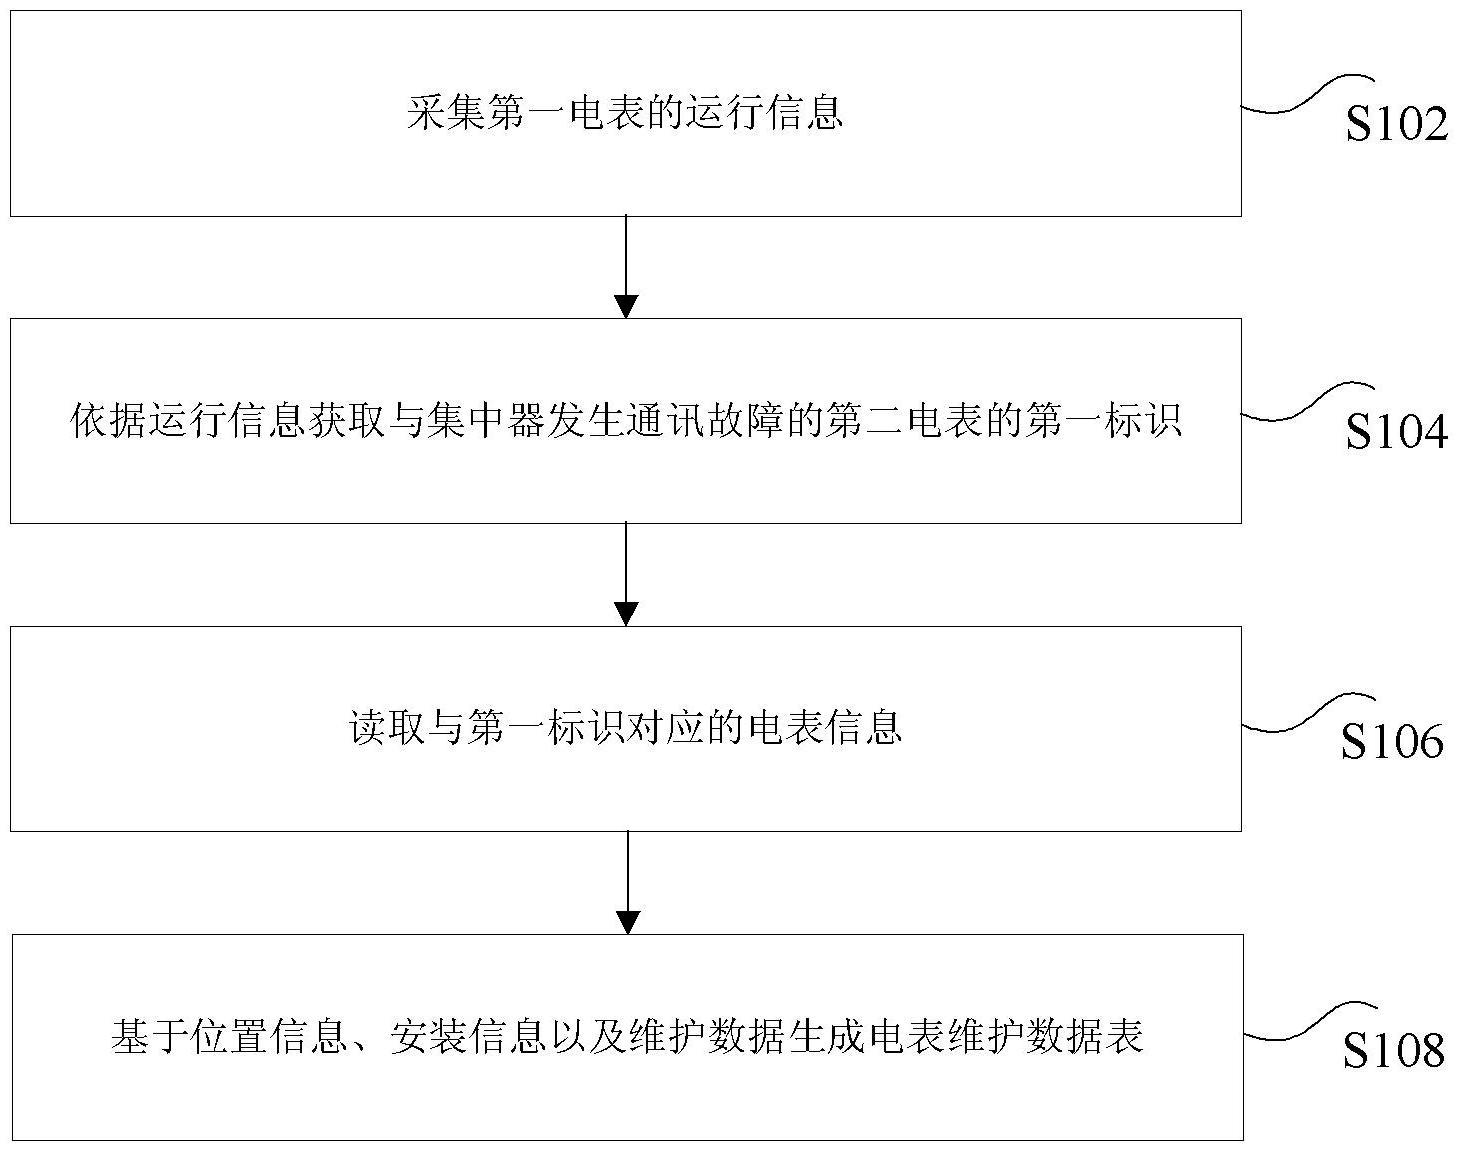 【北京赛车新专利】电表信息的处理方法、装置及系统